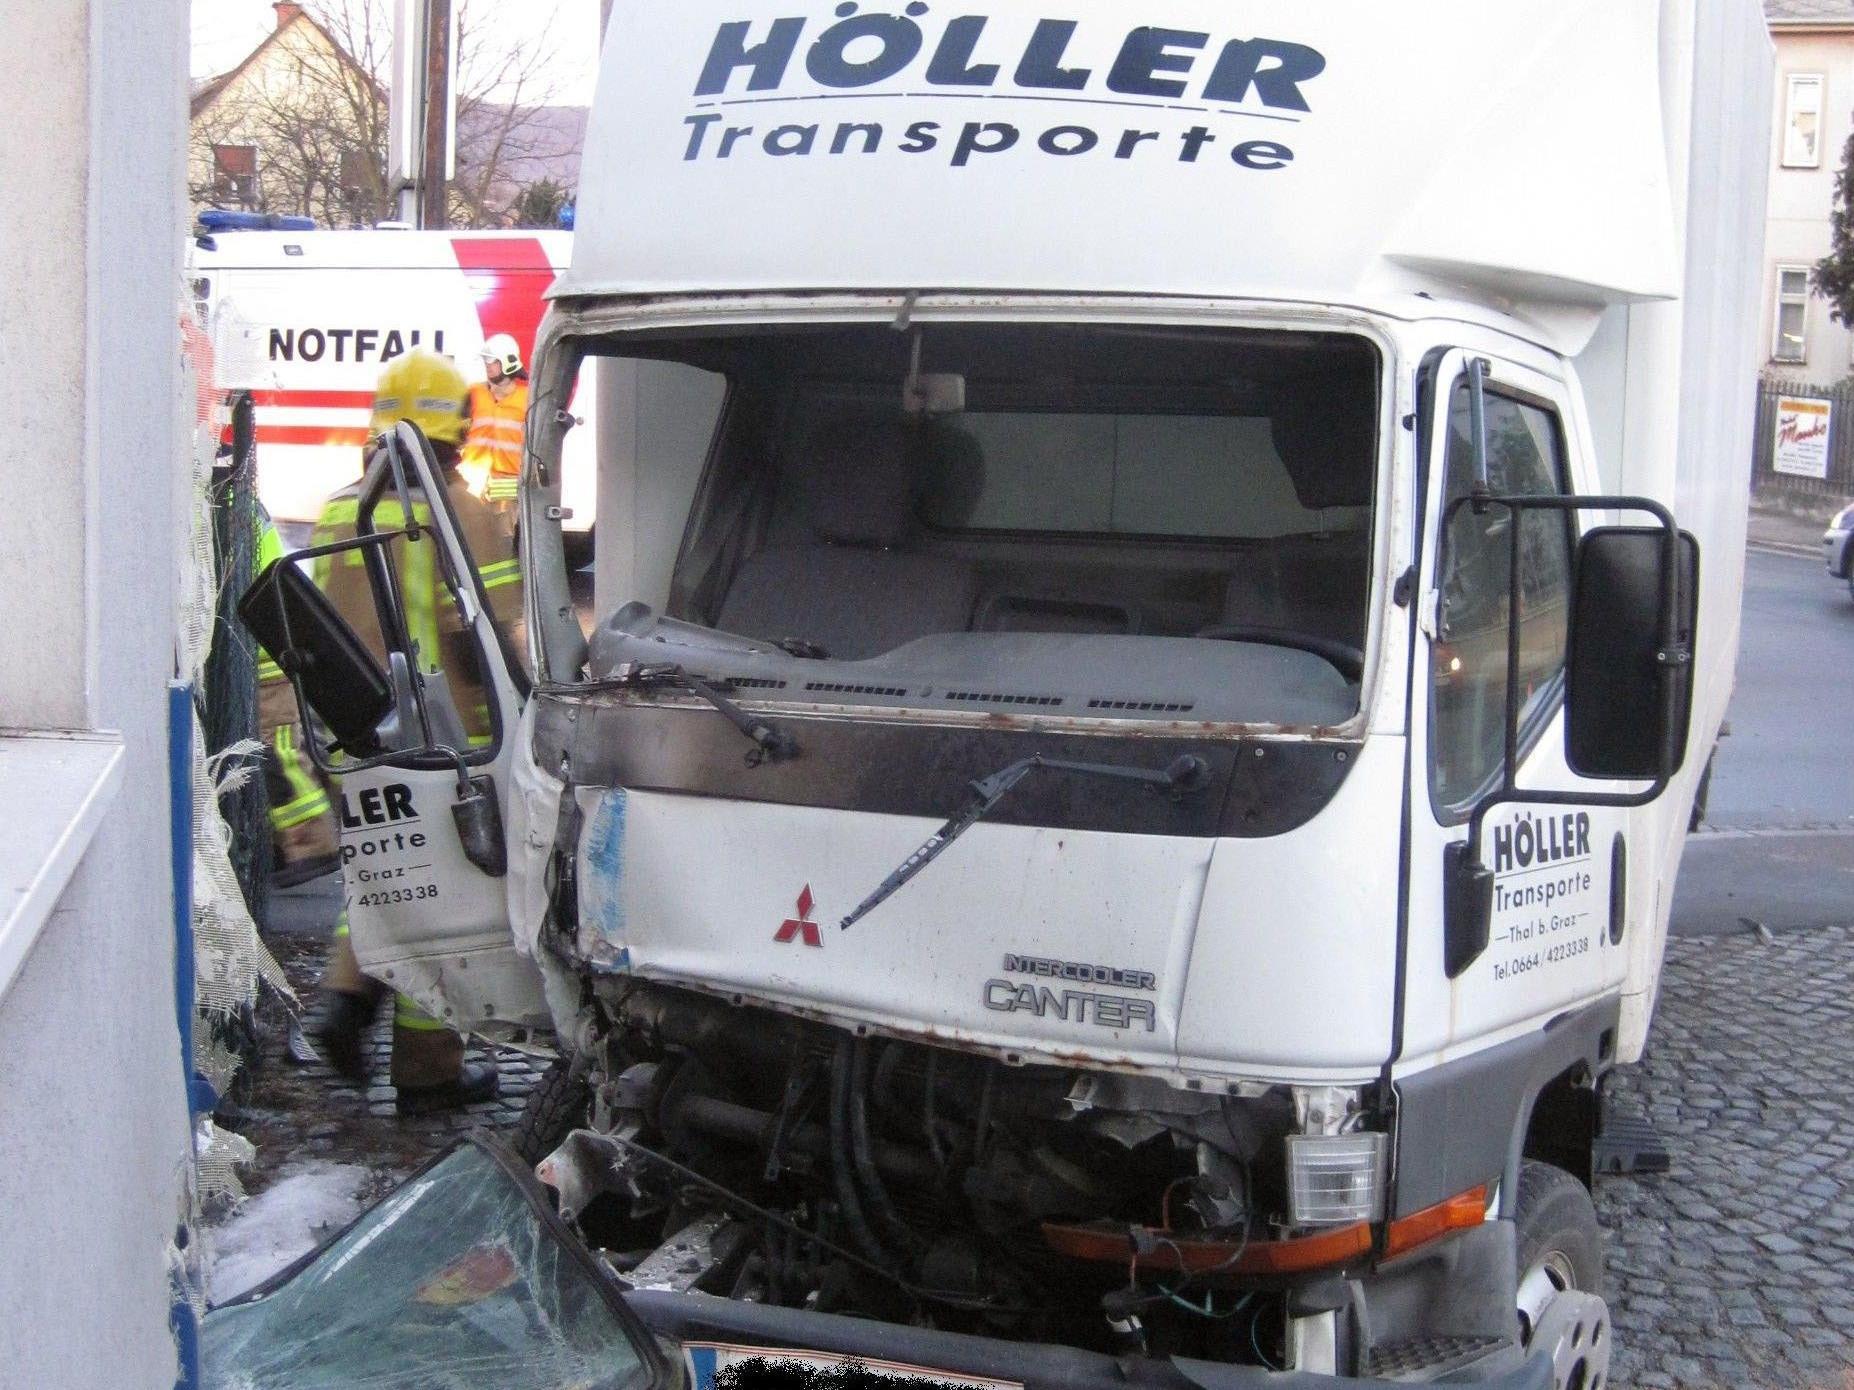 Bei dem Unfall in den sowohl ein Lkw als auch ein Auto verwickelt waren, sind drei Personen verletzt worden.